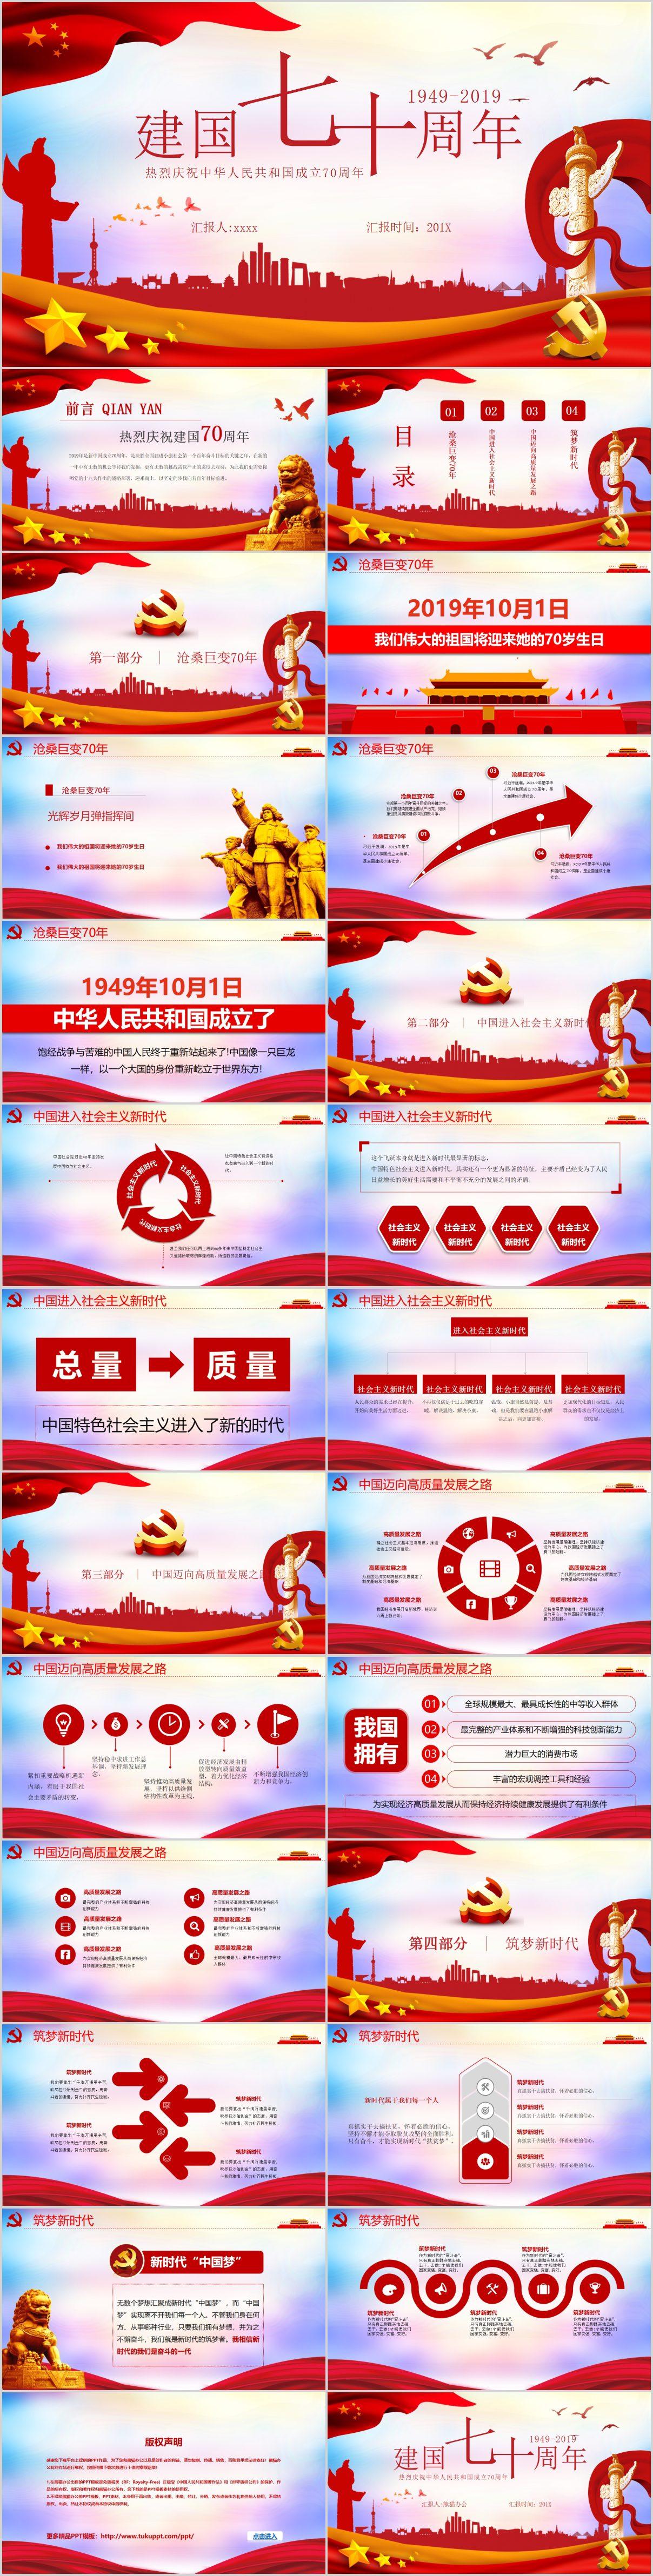 70周年建国党政风PPT模板